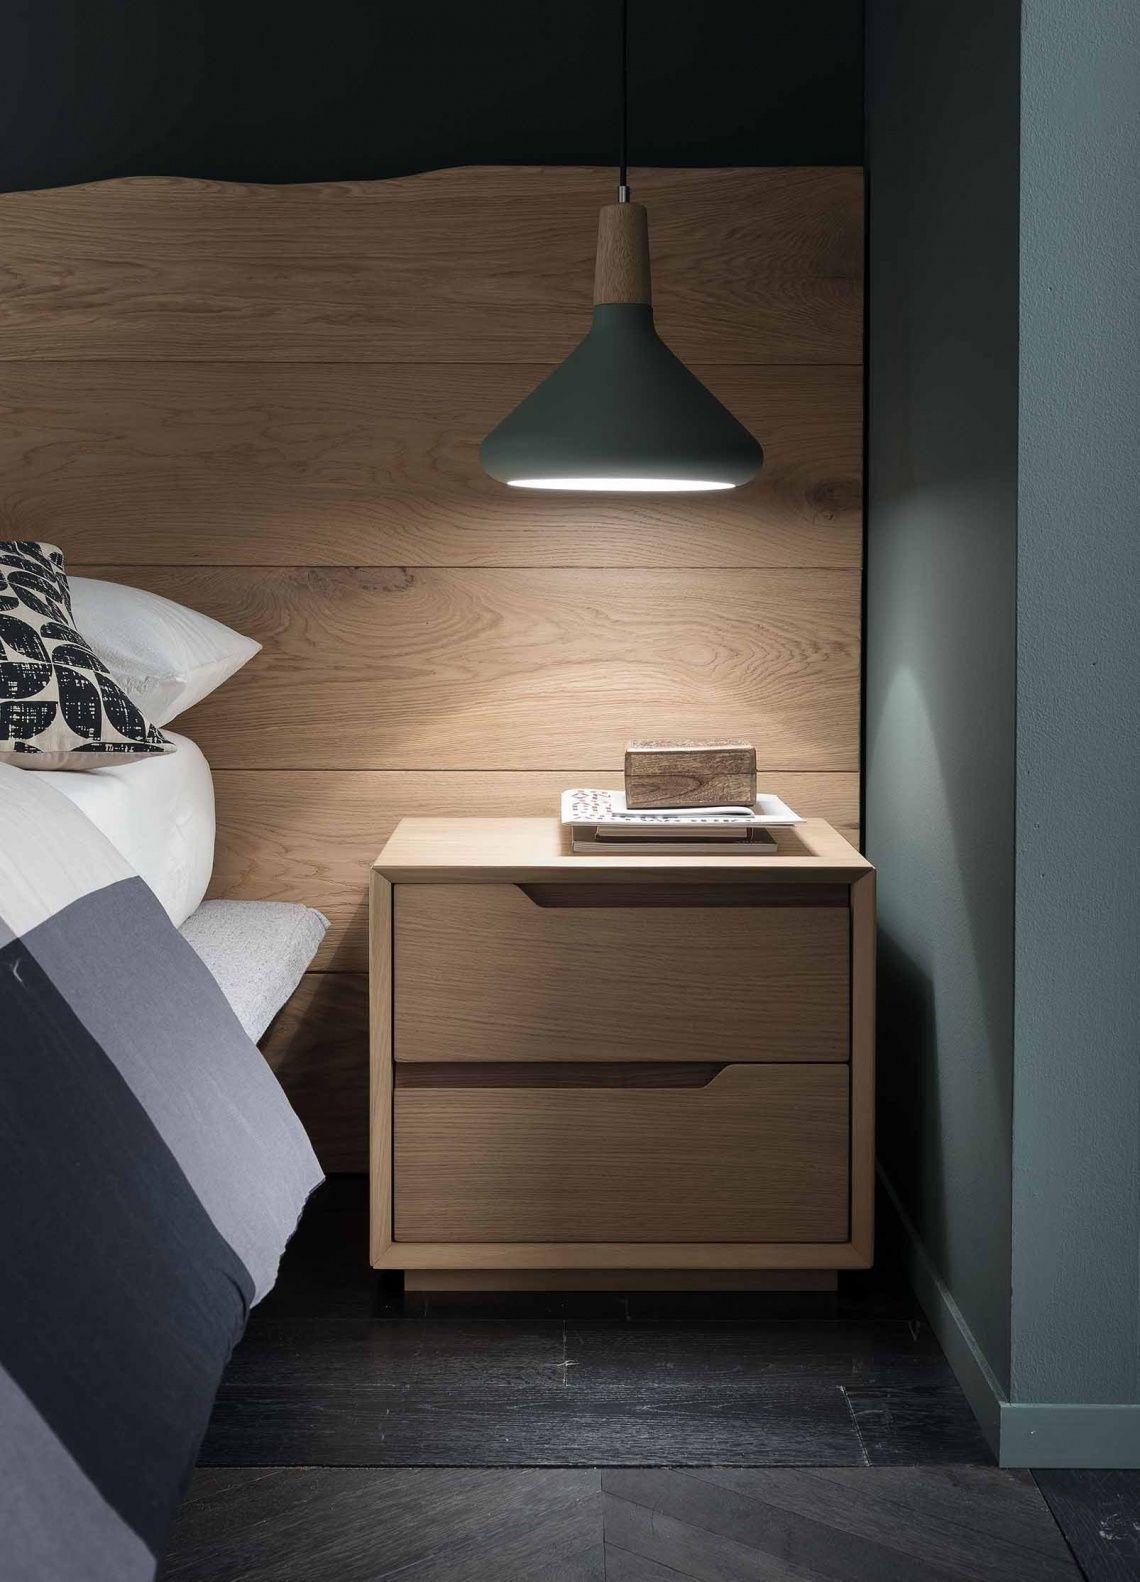 Ref. 988 MESITA DE NOCHE – Categoría Zona de noche, estilo Moderno y contemporáneo